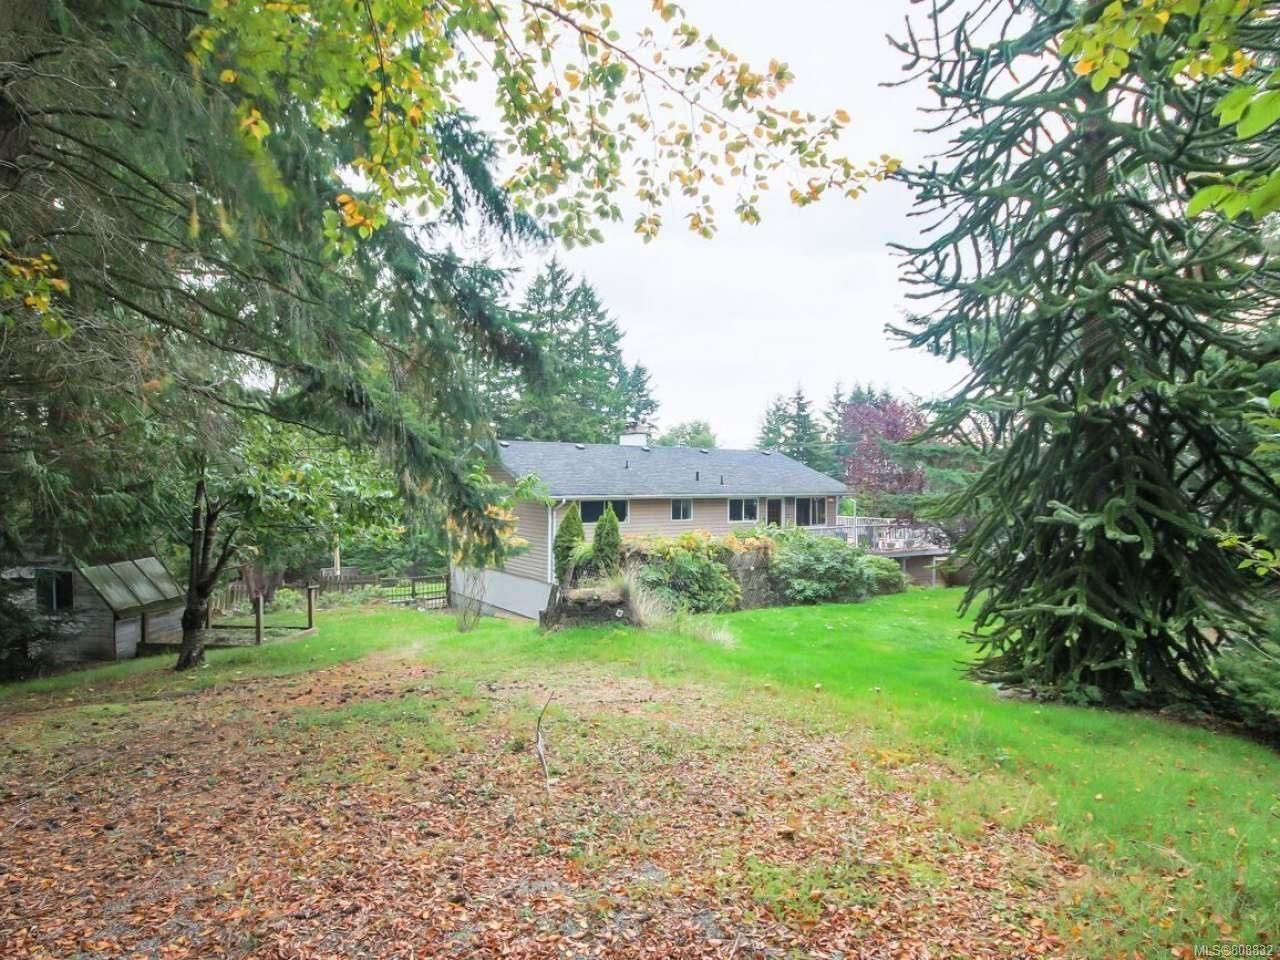 Photo 21: Photos: 5407 Lost Lake Rd in NANAIMO: Na North Nanaimo House for sale (Nanaimo)  : MLS®# 808832